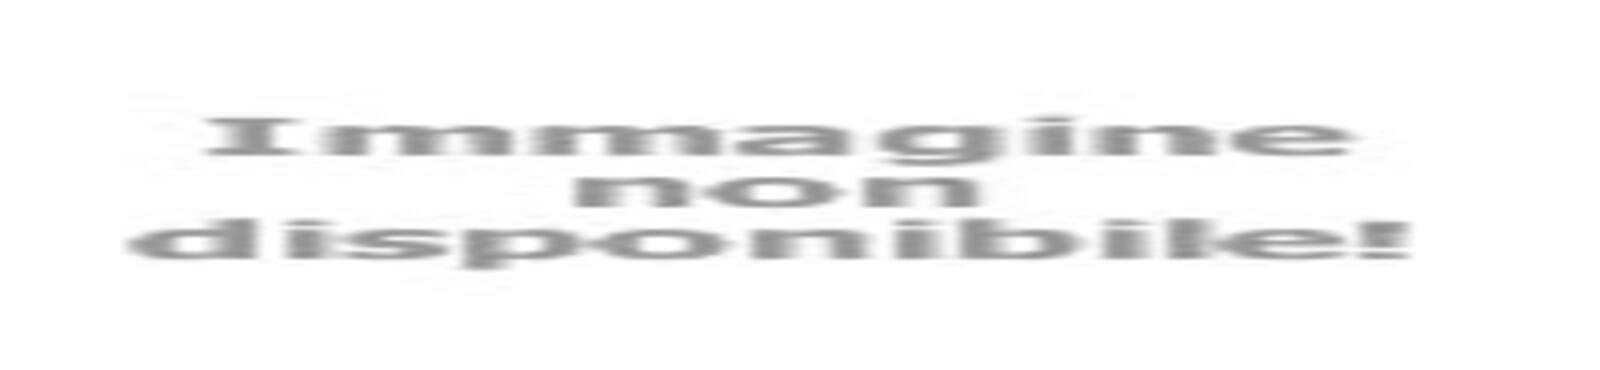 petronianaviaggi it il-parco-delle-grandi-opere-idrauliche-v338 002